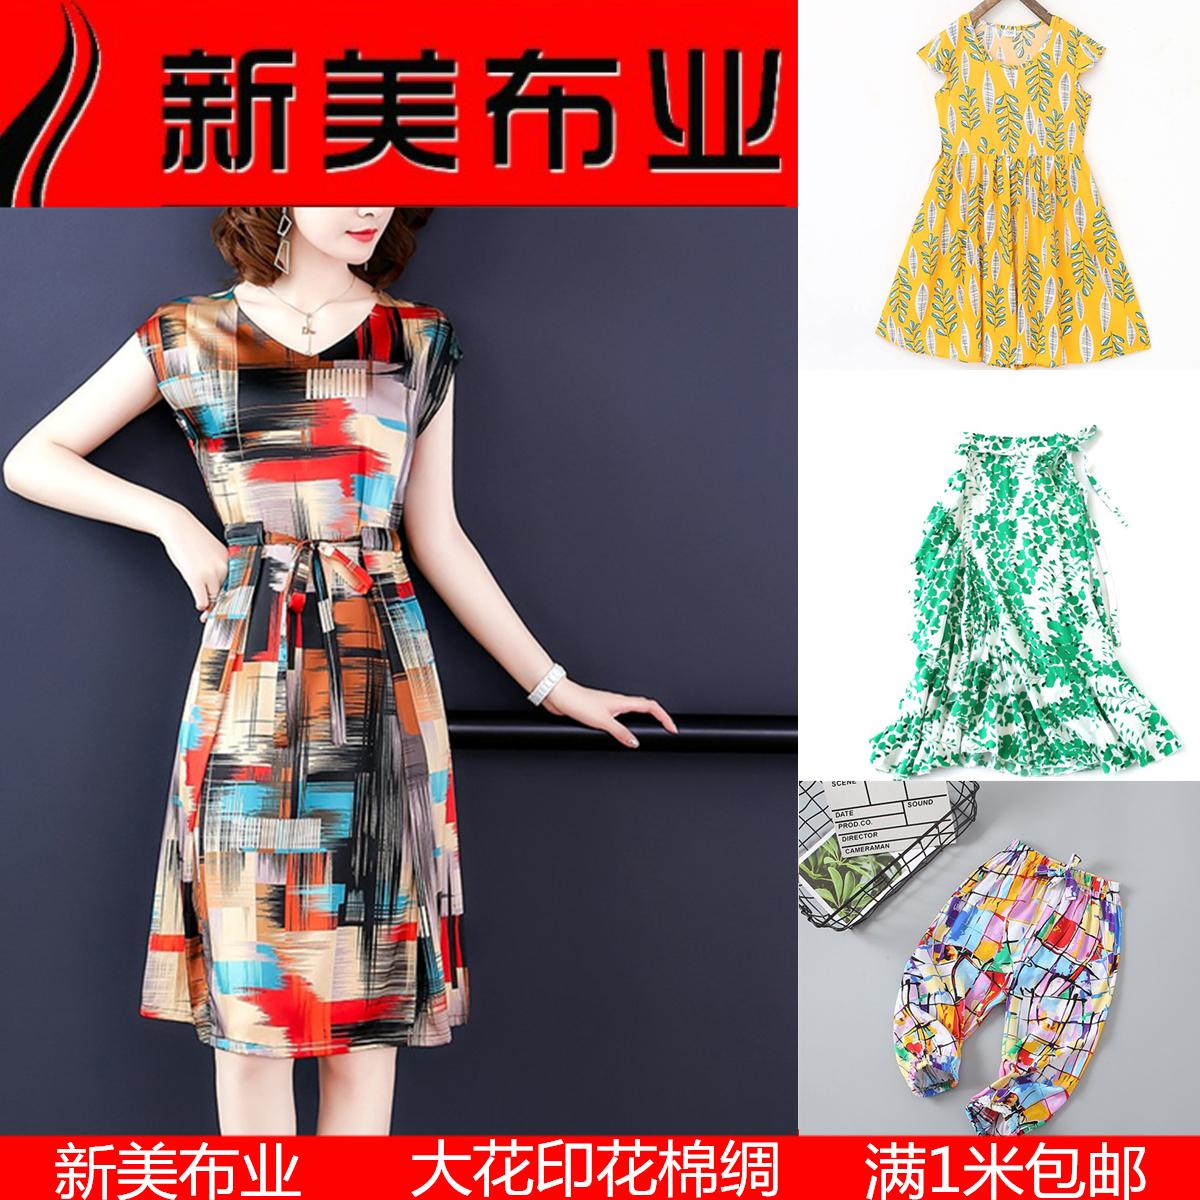 高档棉绸布料绵绸面料人造棉布料连衣裙夏季服装睡衣布料舒香绸